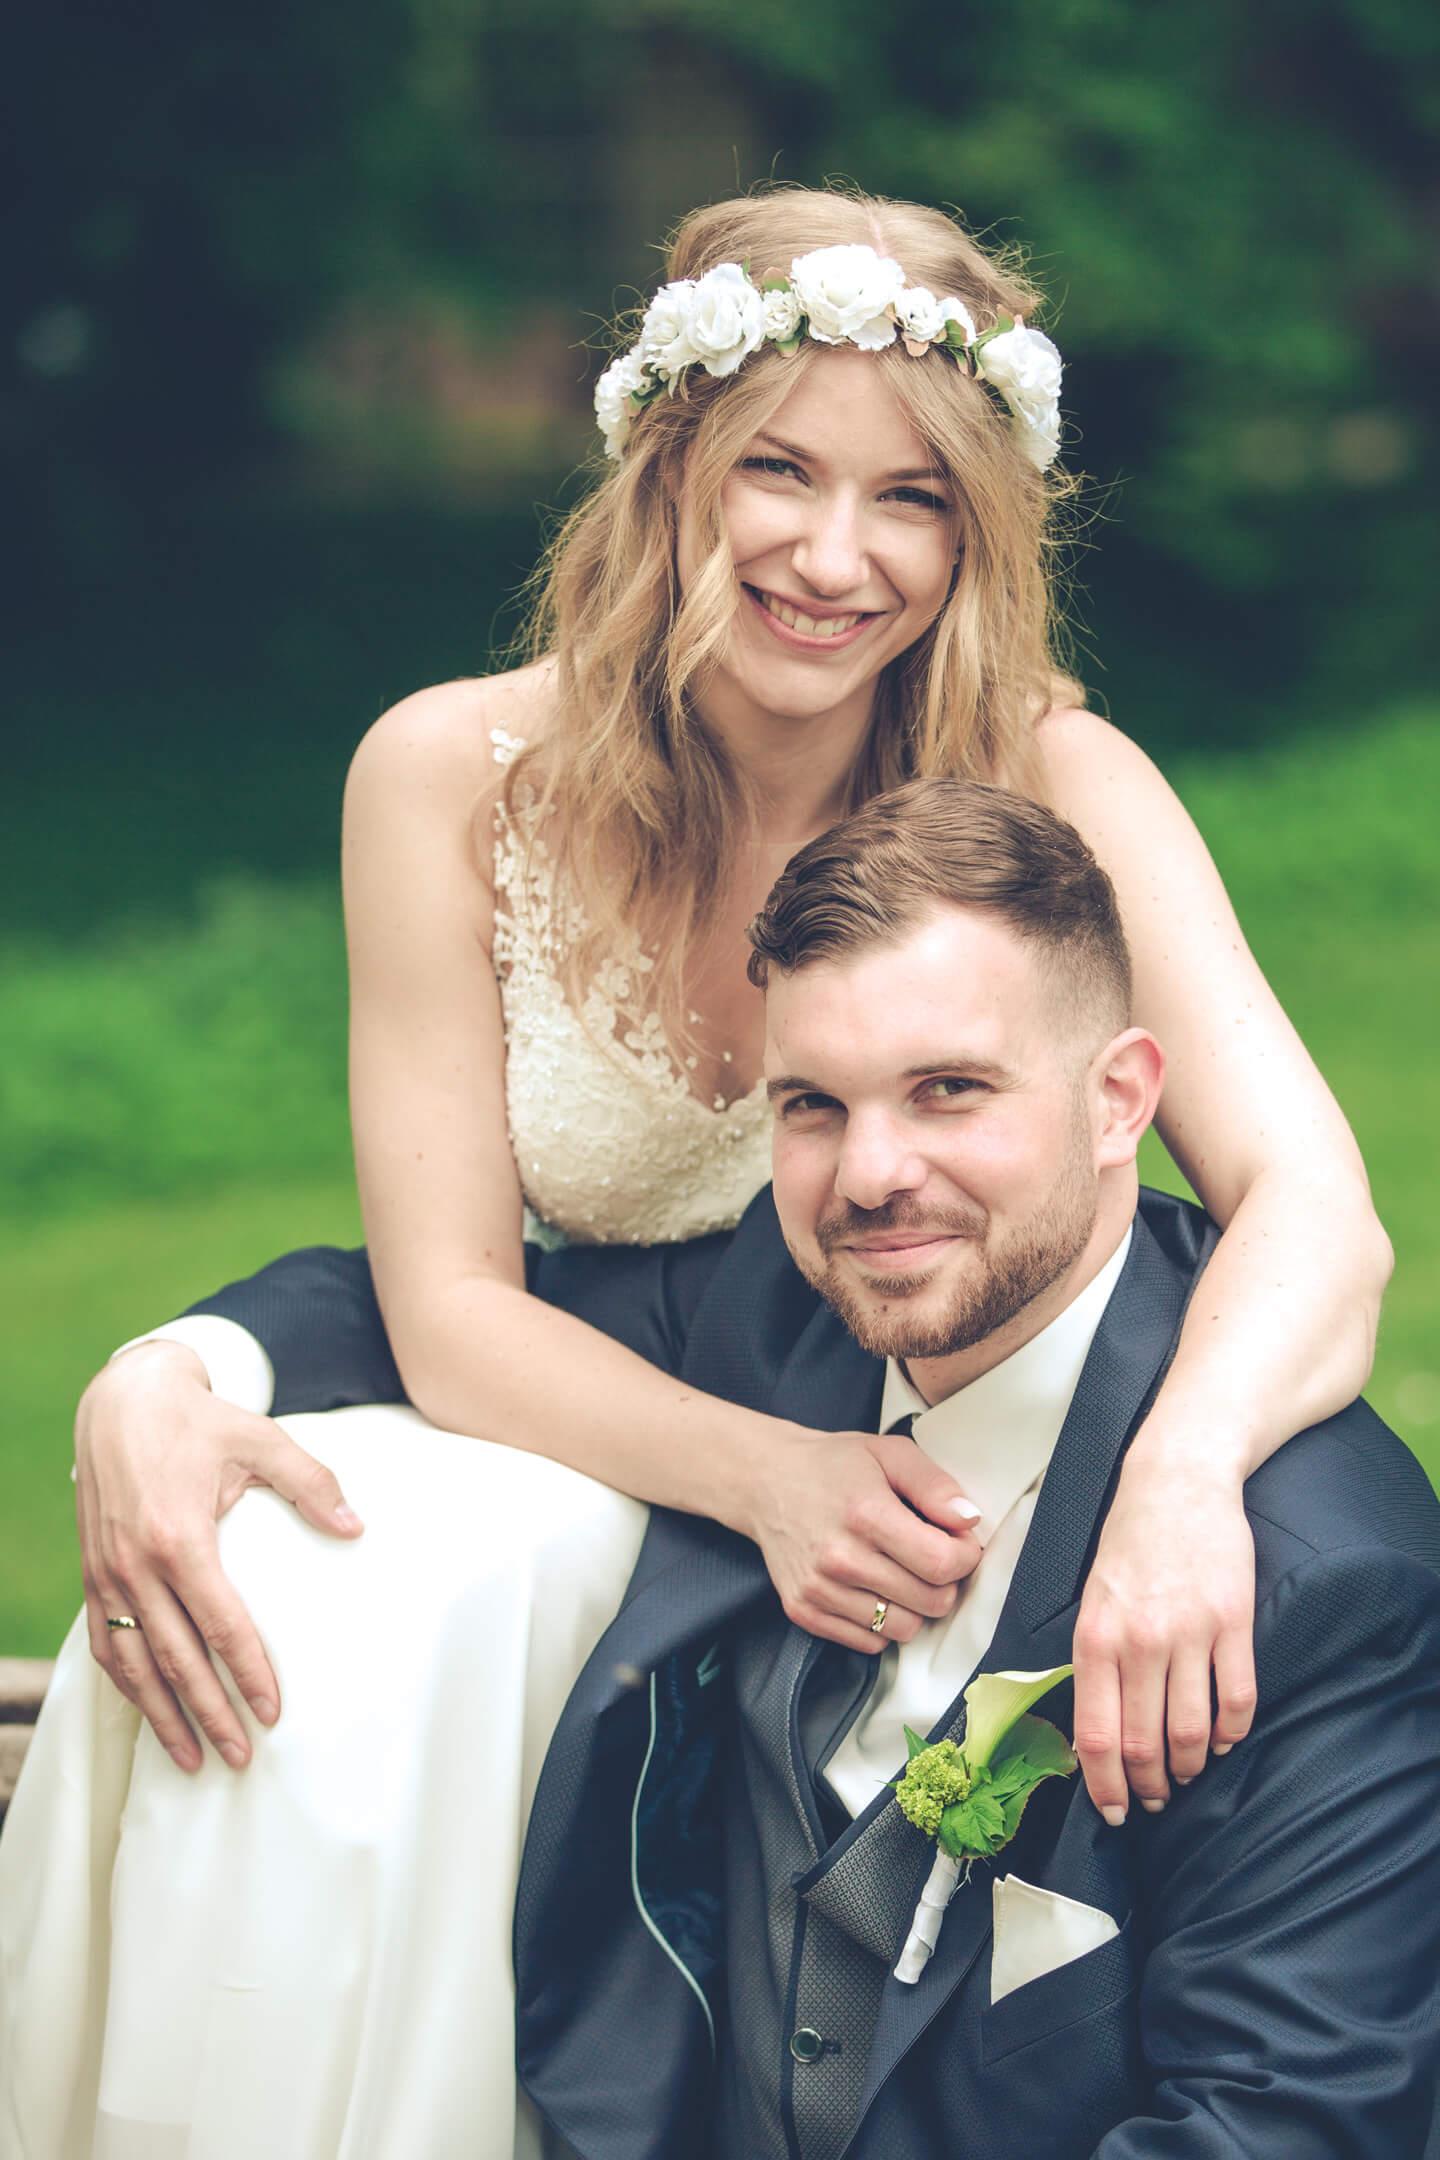 Hochzeitsfoto - im Schlosspark Ahrensburg aufgenommen